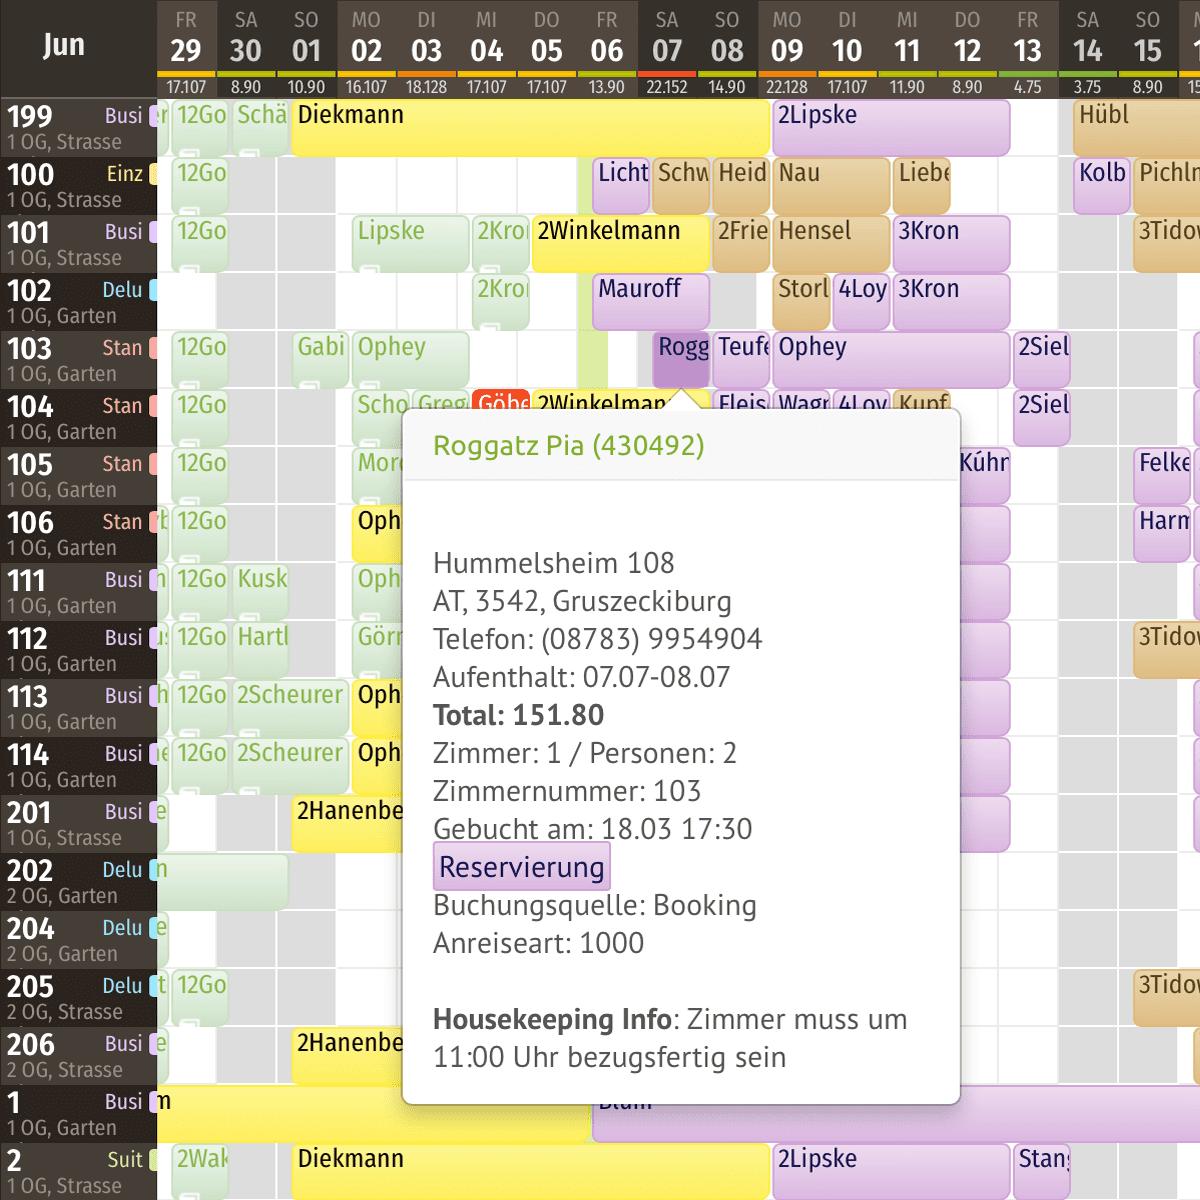 Funktionen des igumbi online Hotel Belegungsplans: Info Hubble für die die Info schnelle Info über die Reservierung